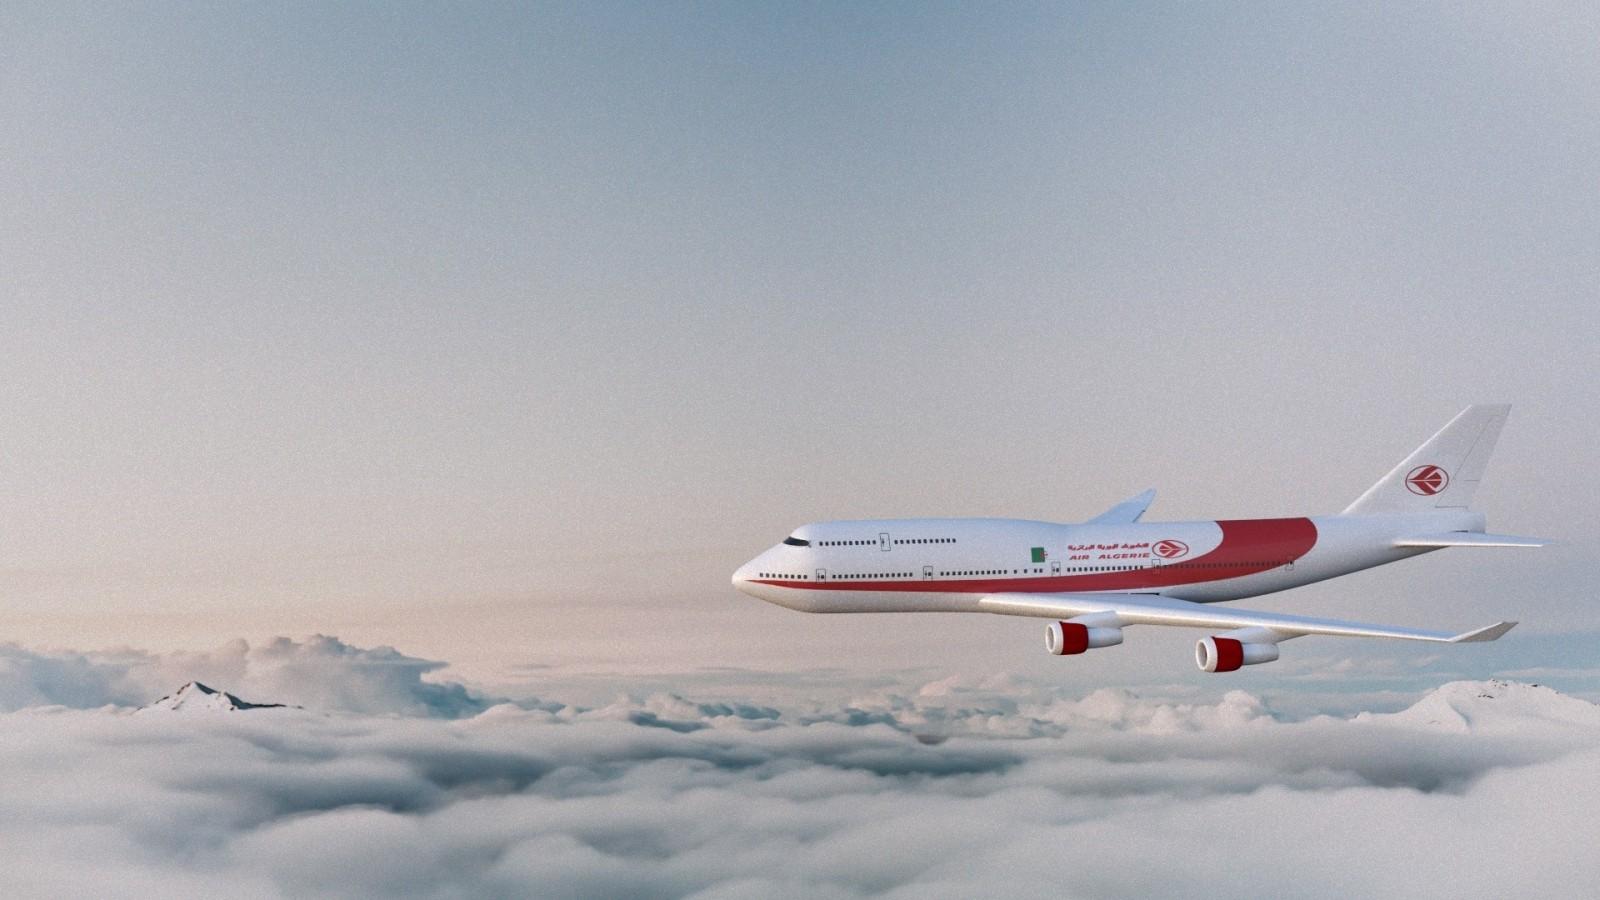 Comprar uma Passagem Aérea Utilizando Pontos ou Dinheiro? Conheça o buscador Oktoplus